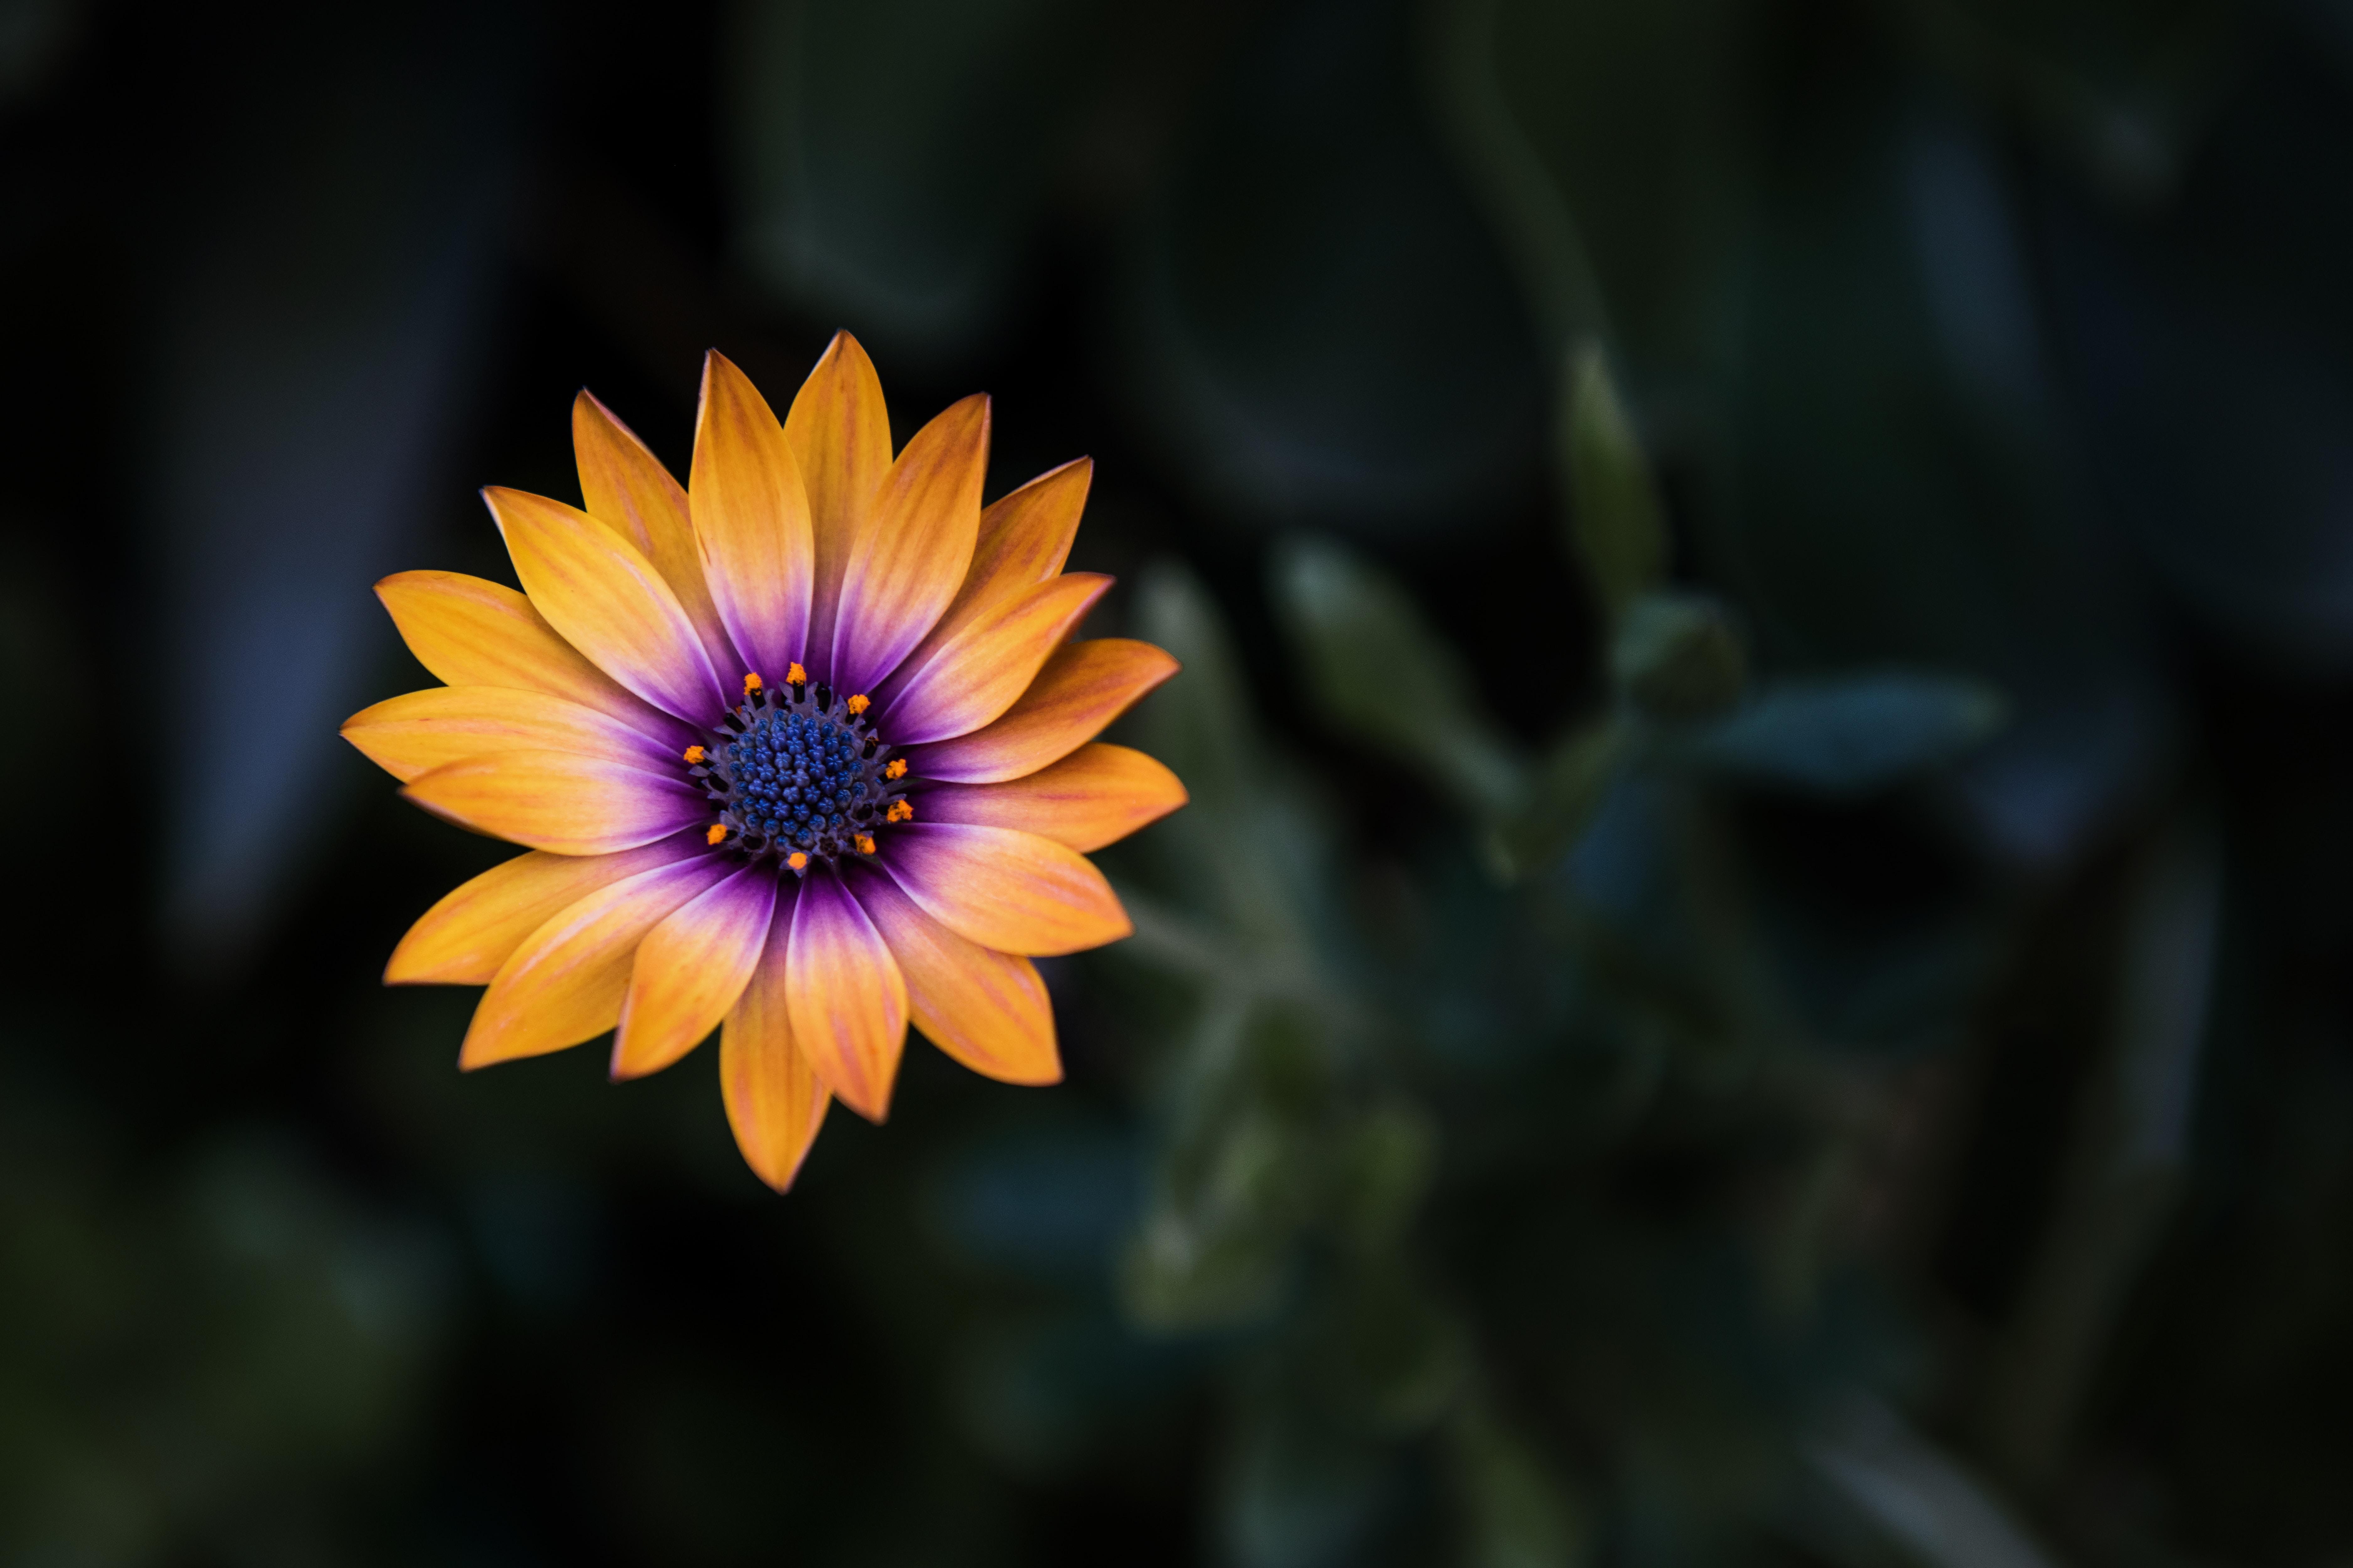 bright orange purple flower 4k 1606577720 - Bright Orange Purple Flower 4k - Bright Orange Purple Flower 4k wallpapers